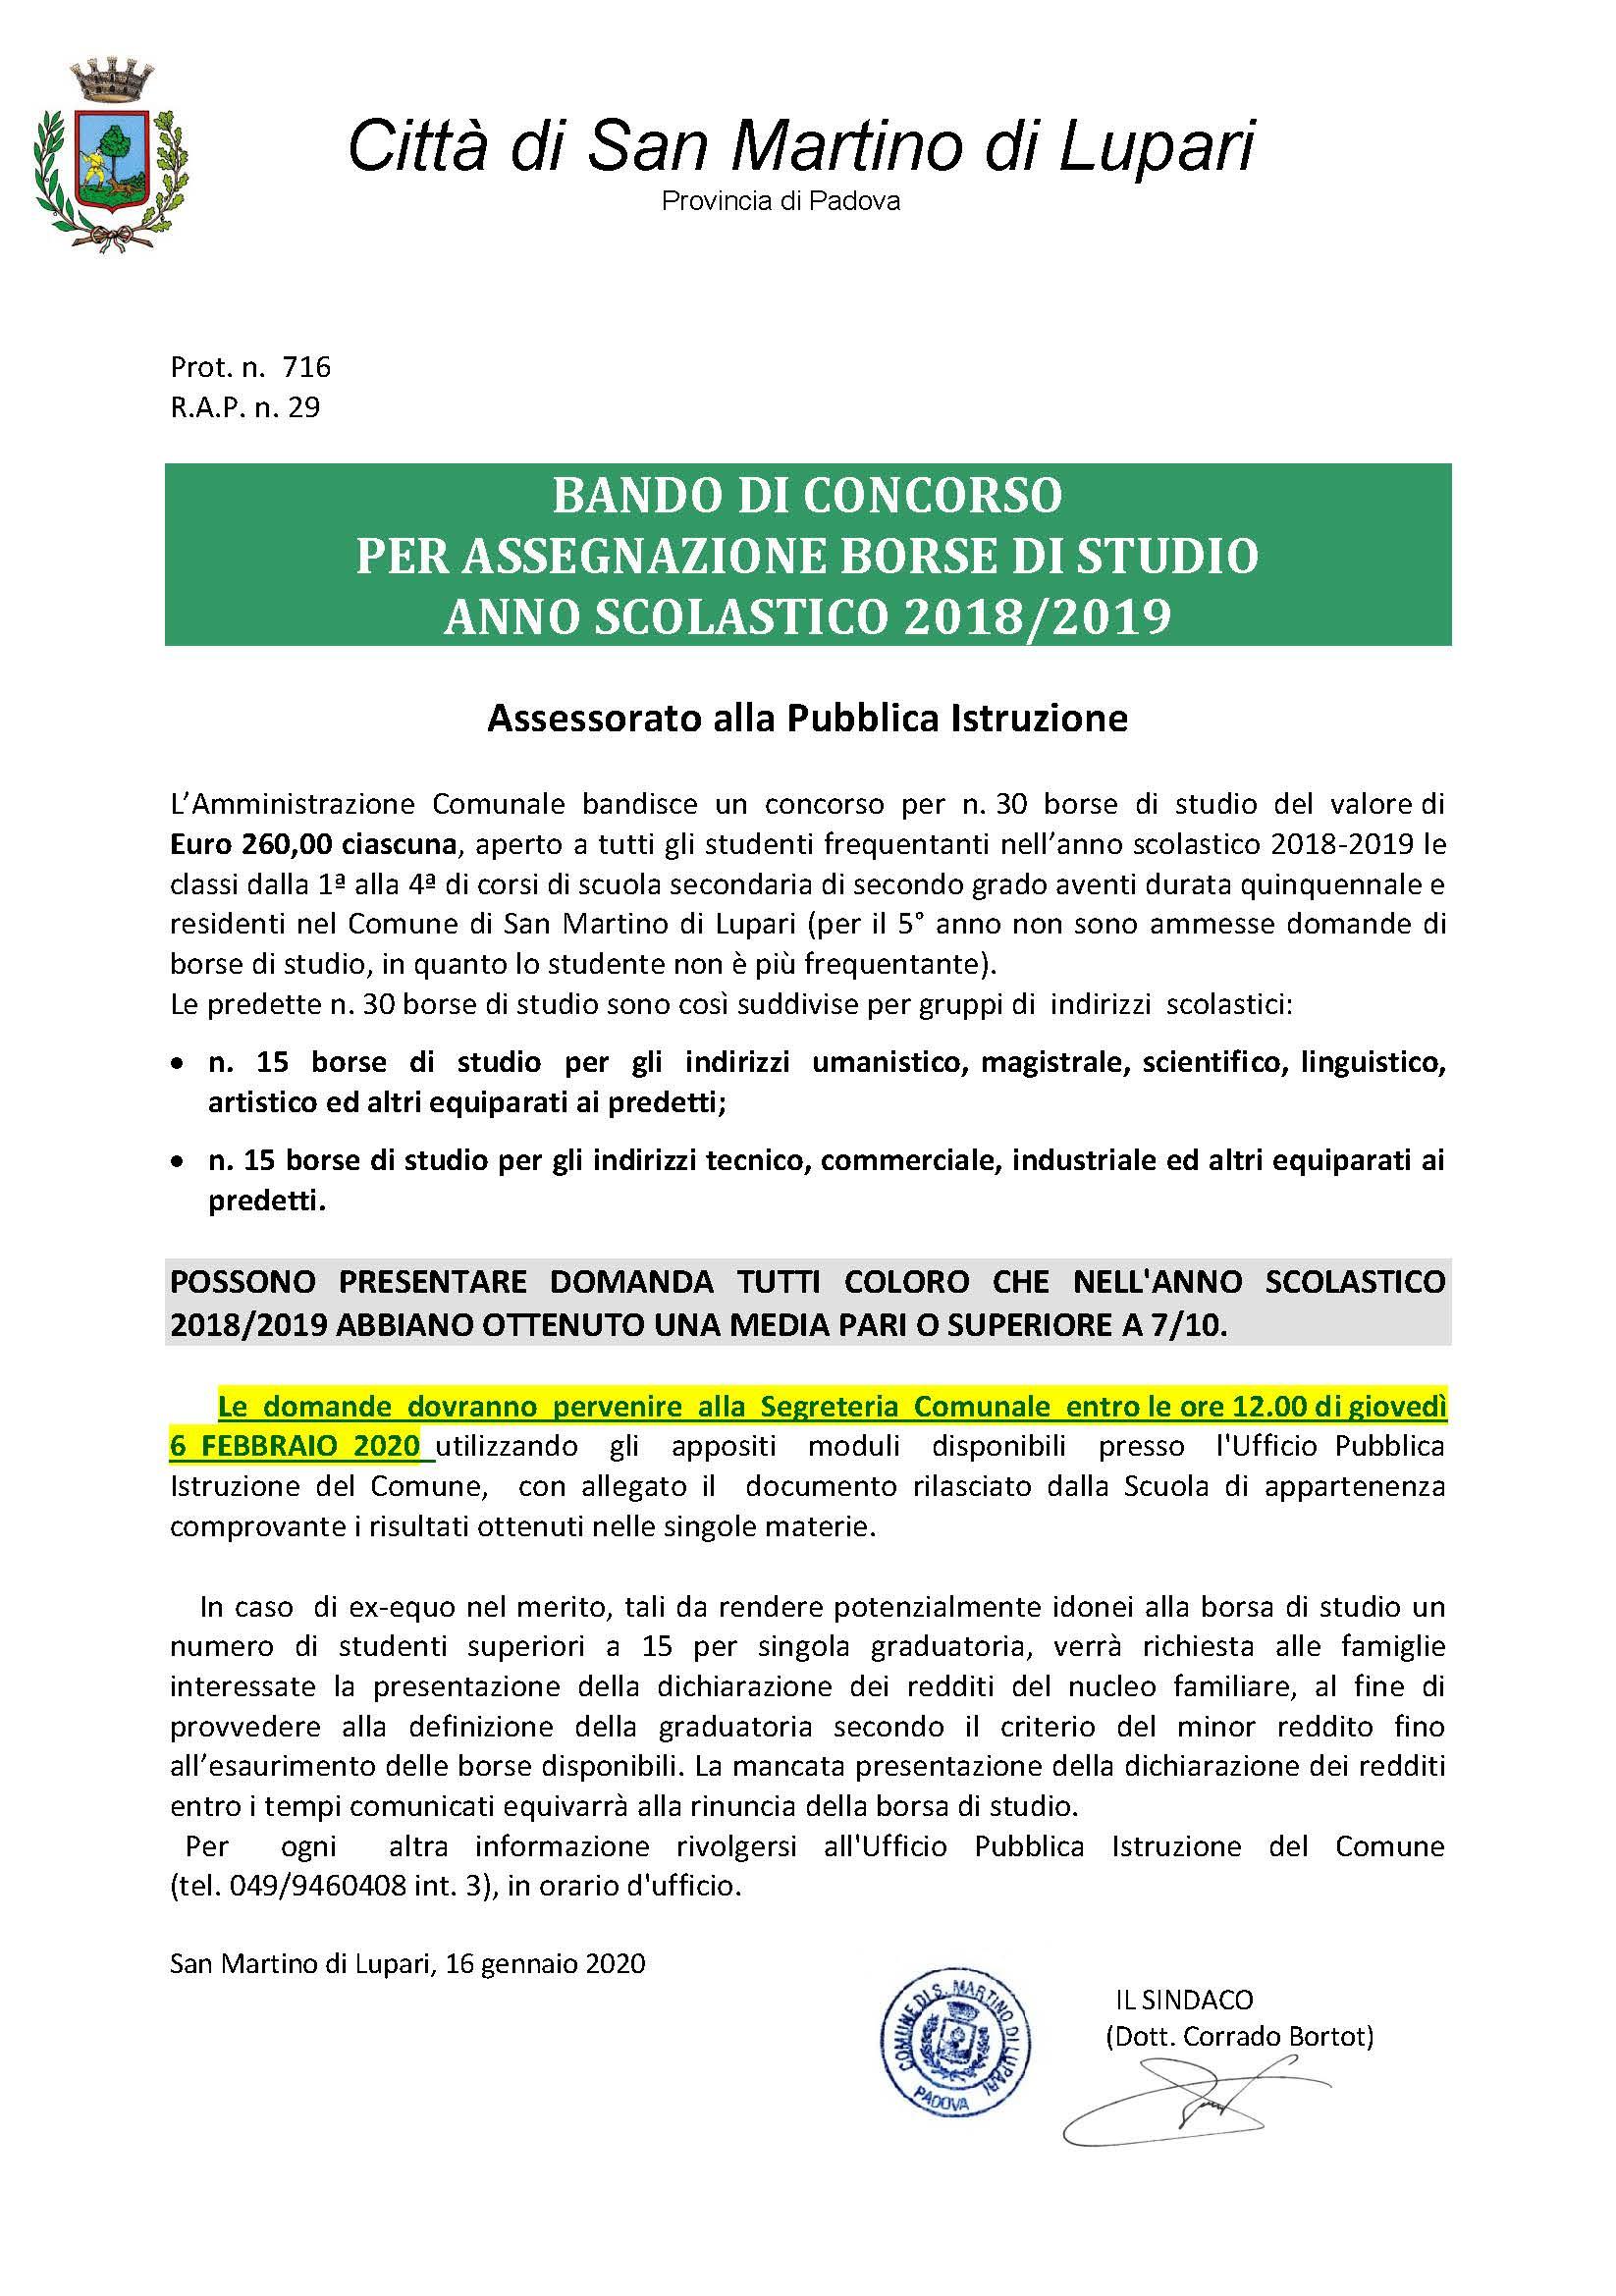 BANDO DI CONCORSO PER ASSEGNAZIONE BORSE DI STUDIO ANNO SCOLASTICO 2018/2019 – Assessorato alla Pubblica Istruzione